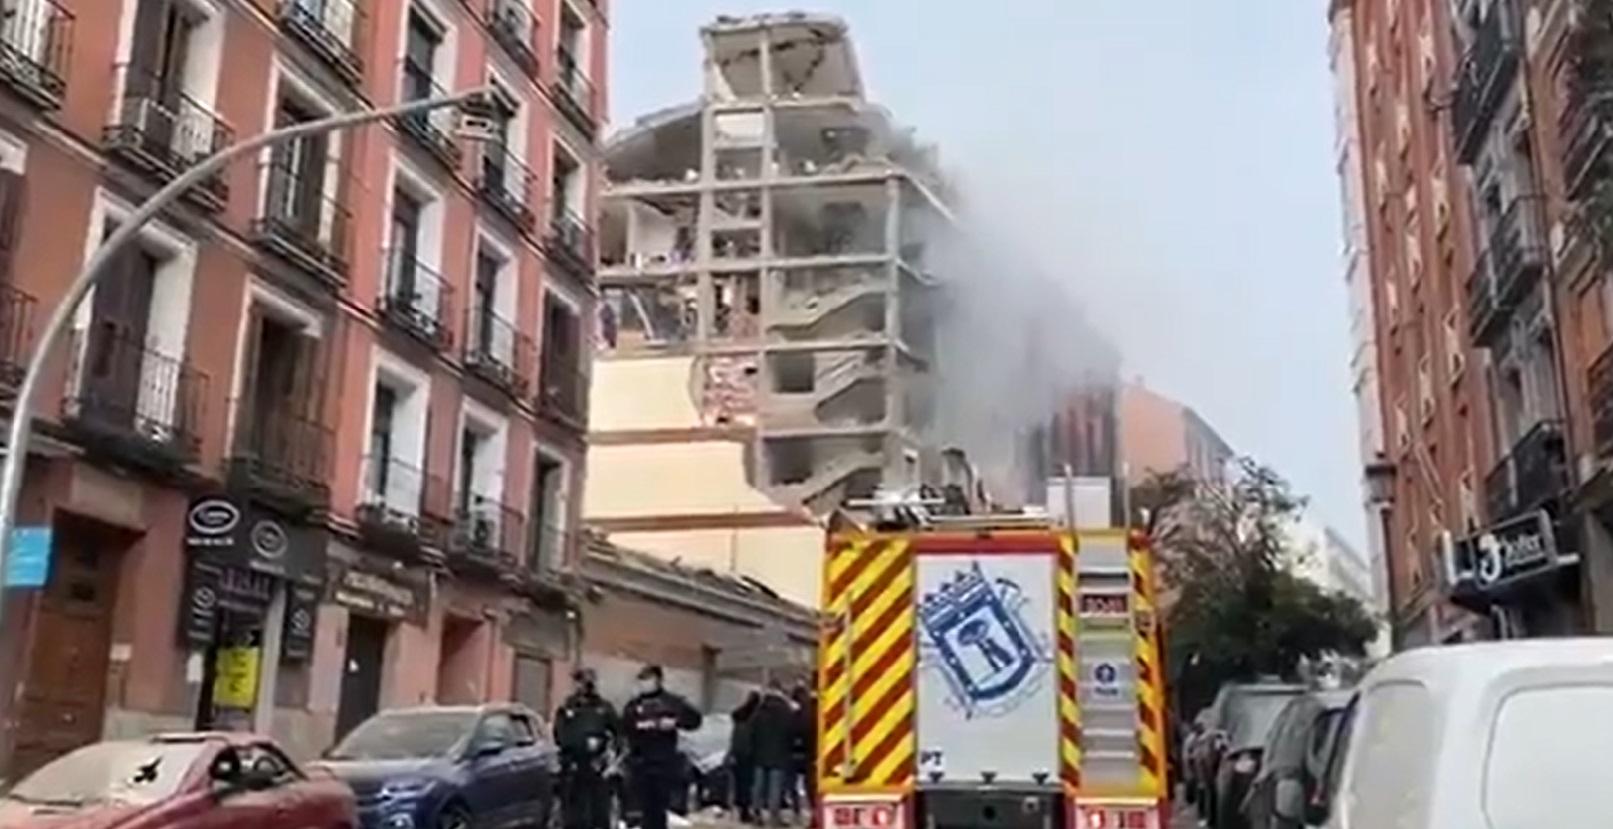 Equipes de resgate trabalham no centro de Madri, após explosão em prédio